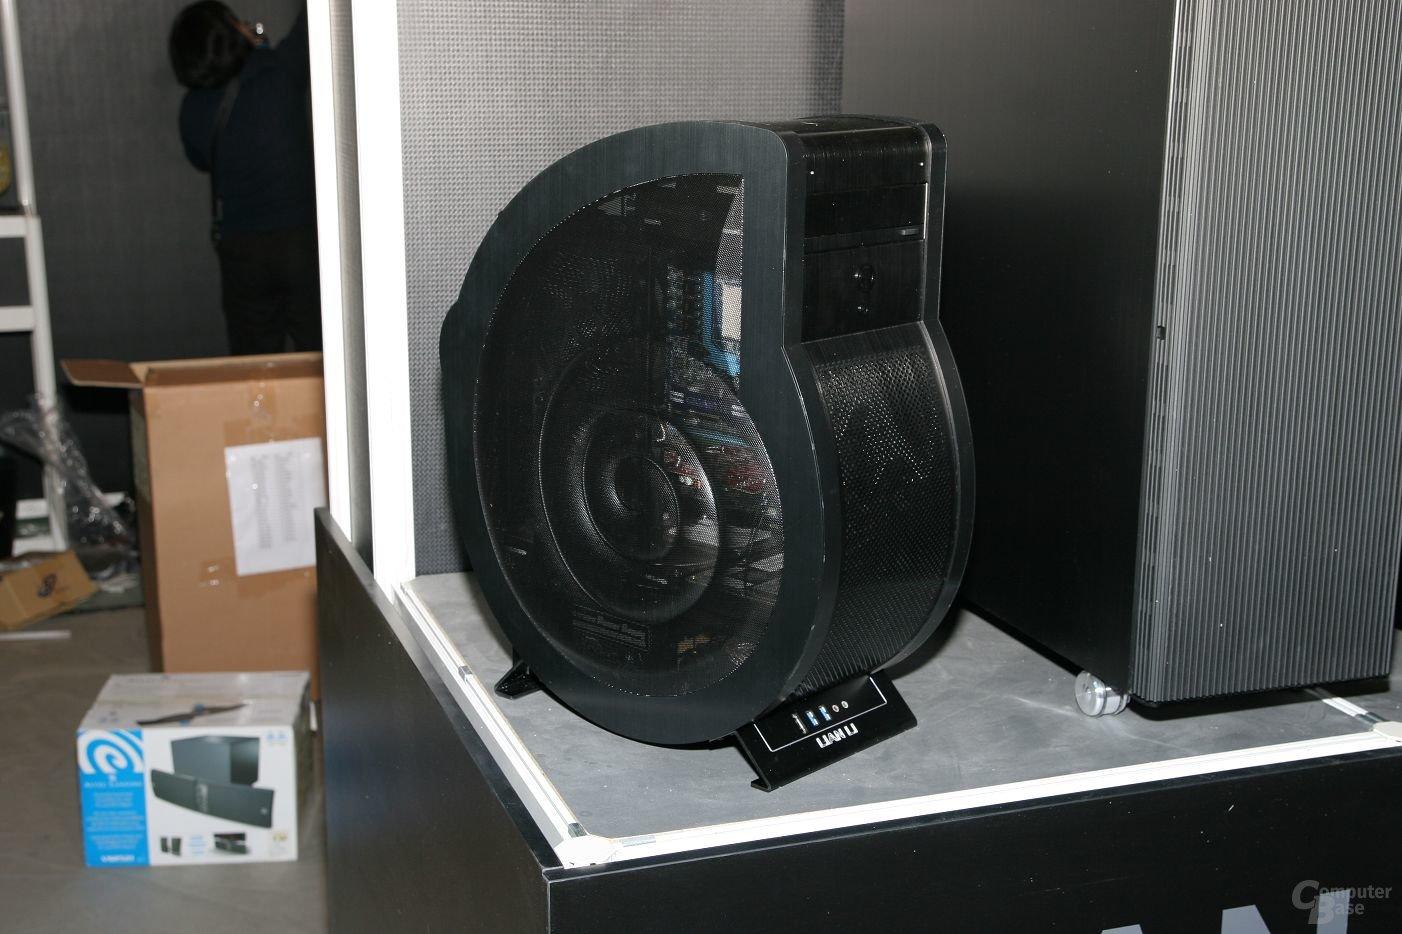 Lian Li PC-U6